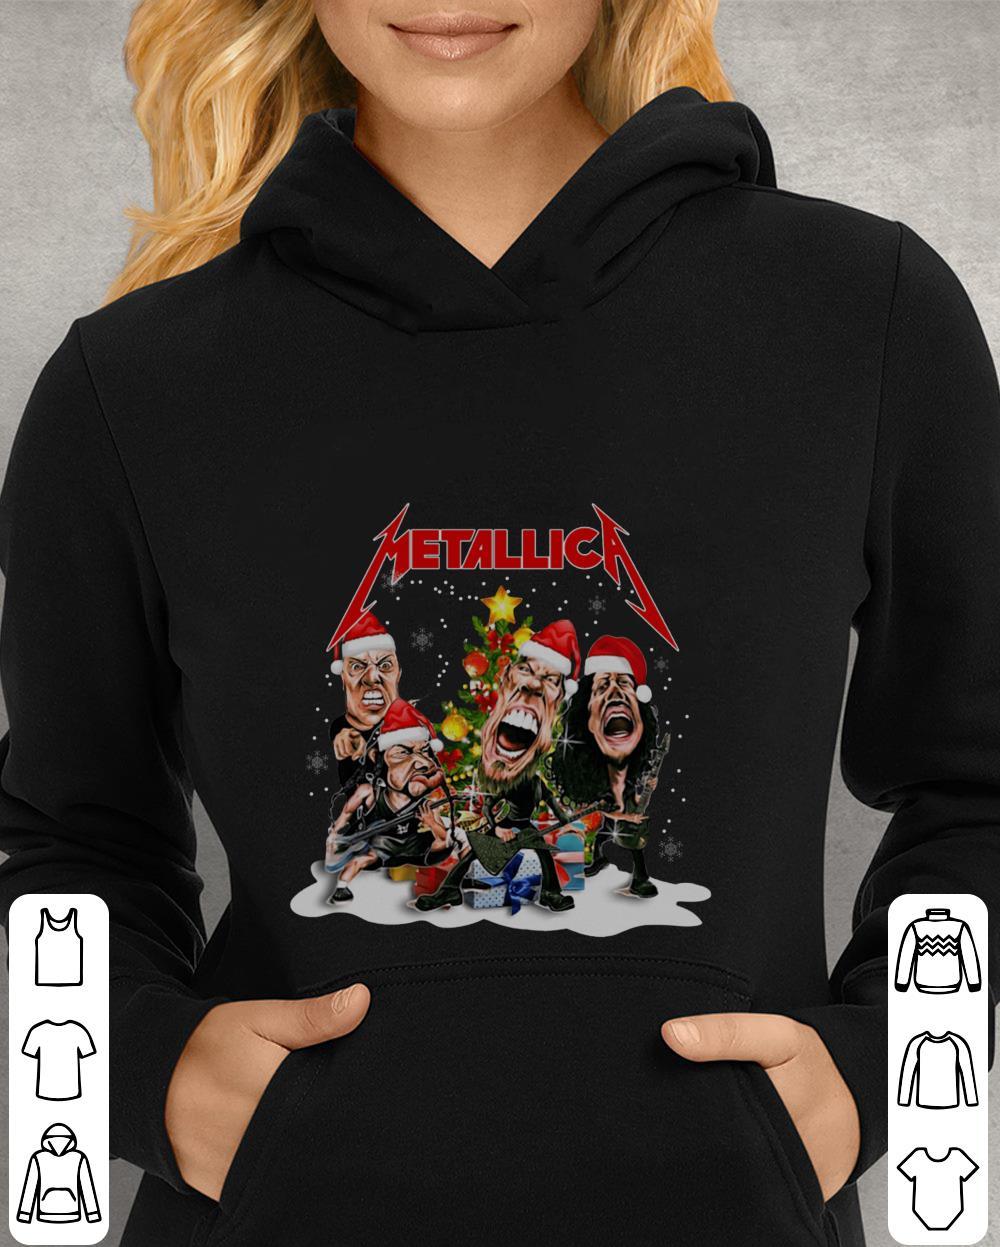 https://unicornshirts.net/images/2018/11/Metallica-Christmas-tree-shirt_4.jpg